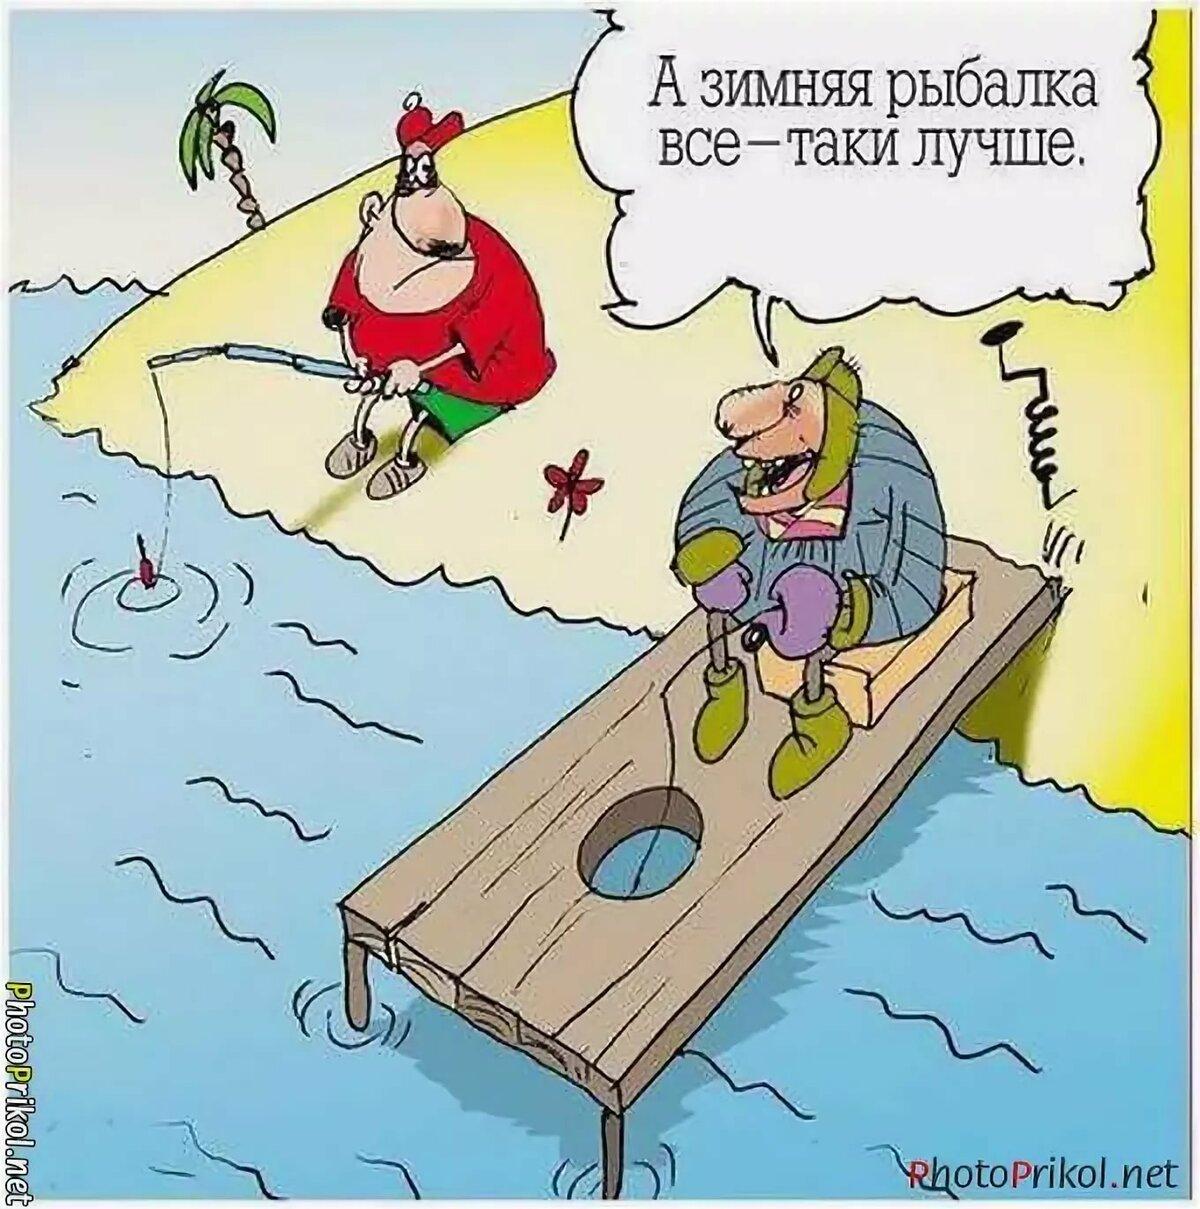 На рыбалку картинка прикол, животных смешные картинки